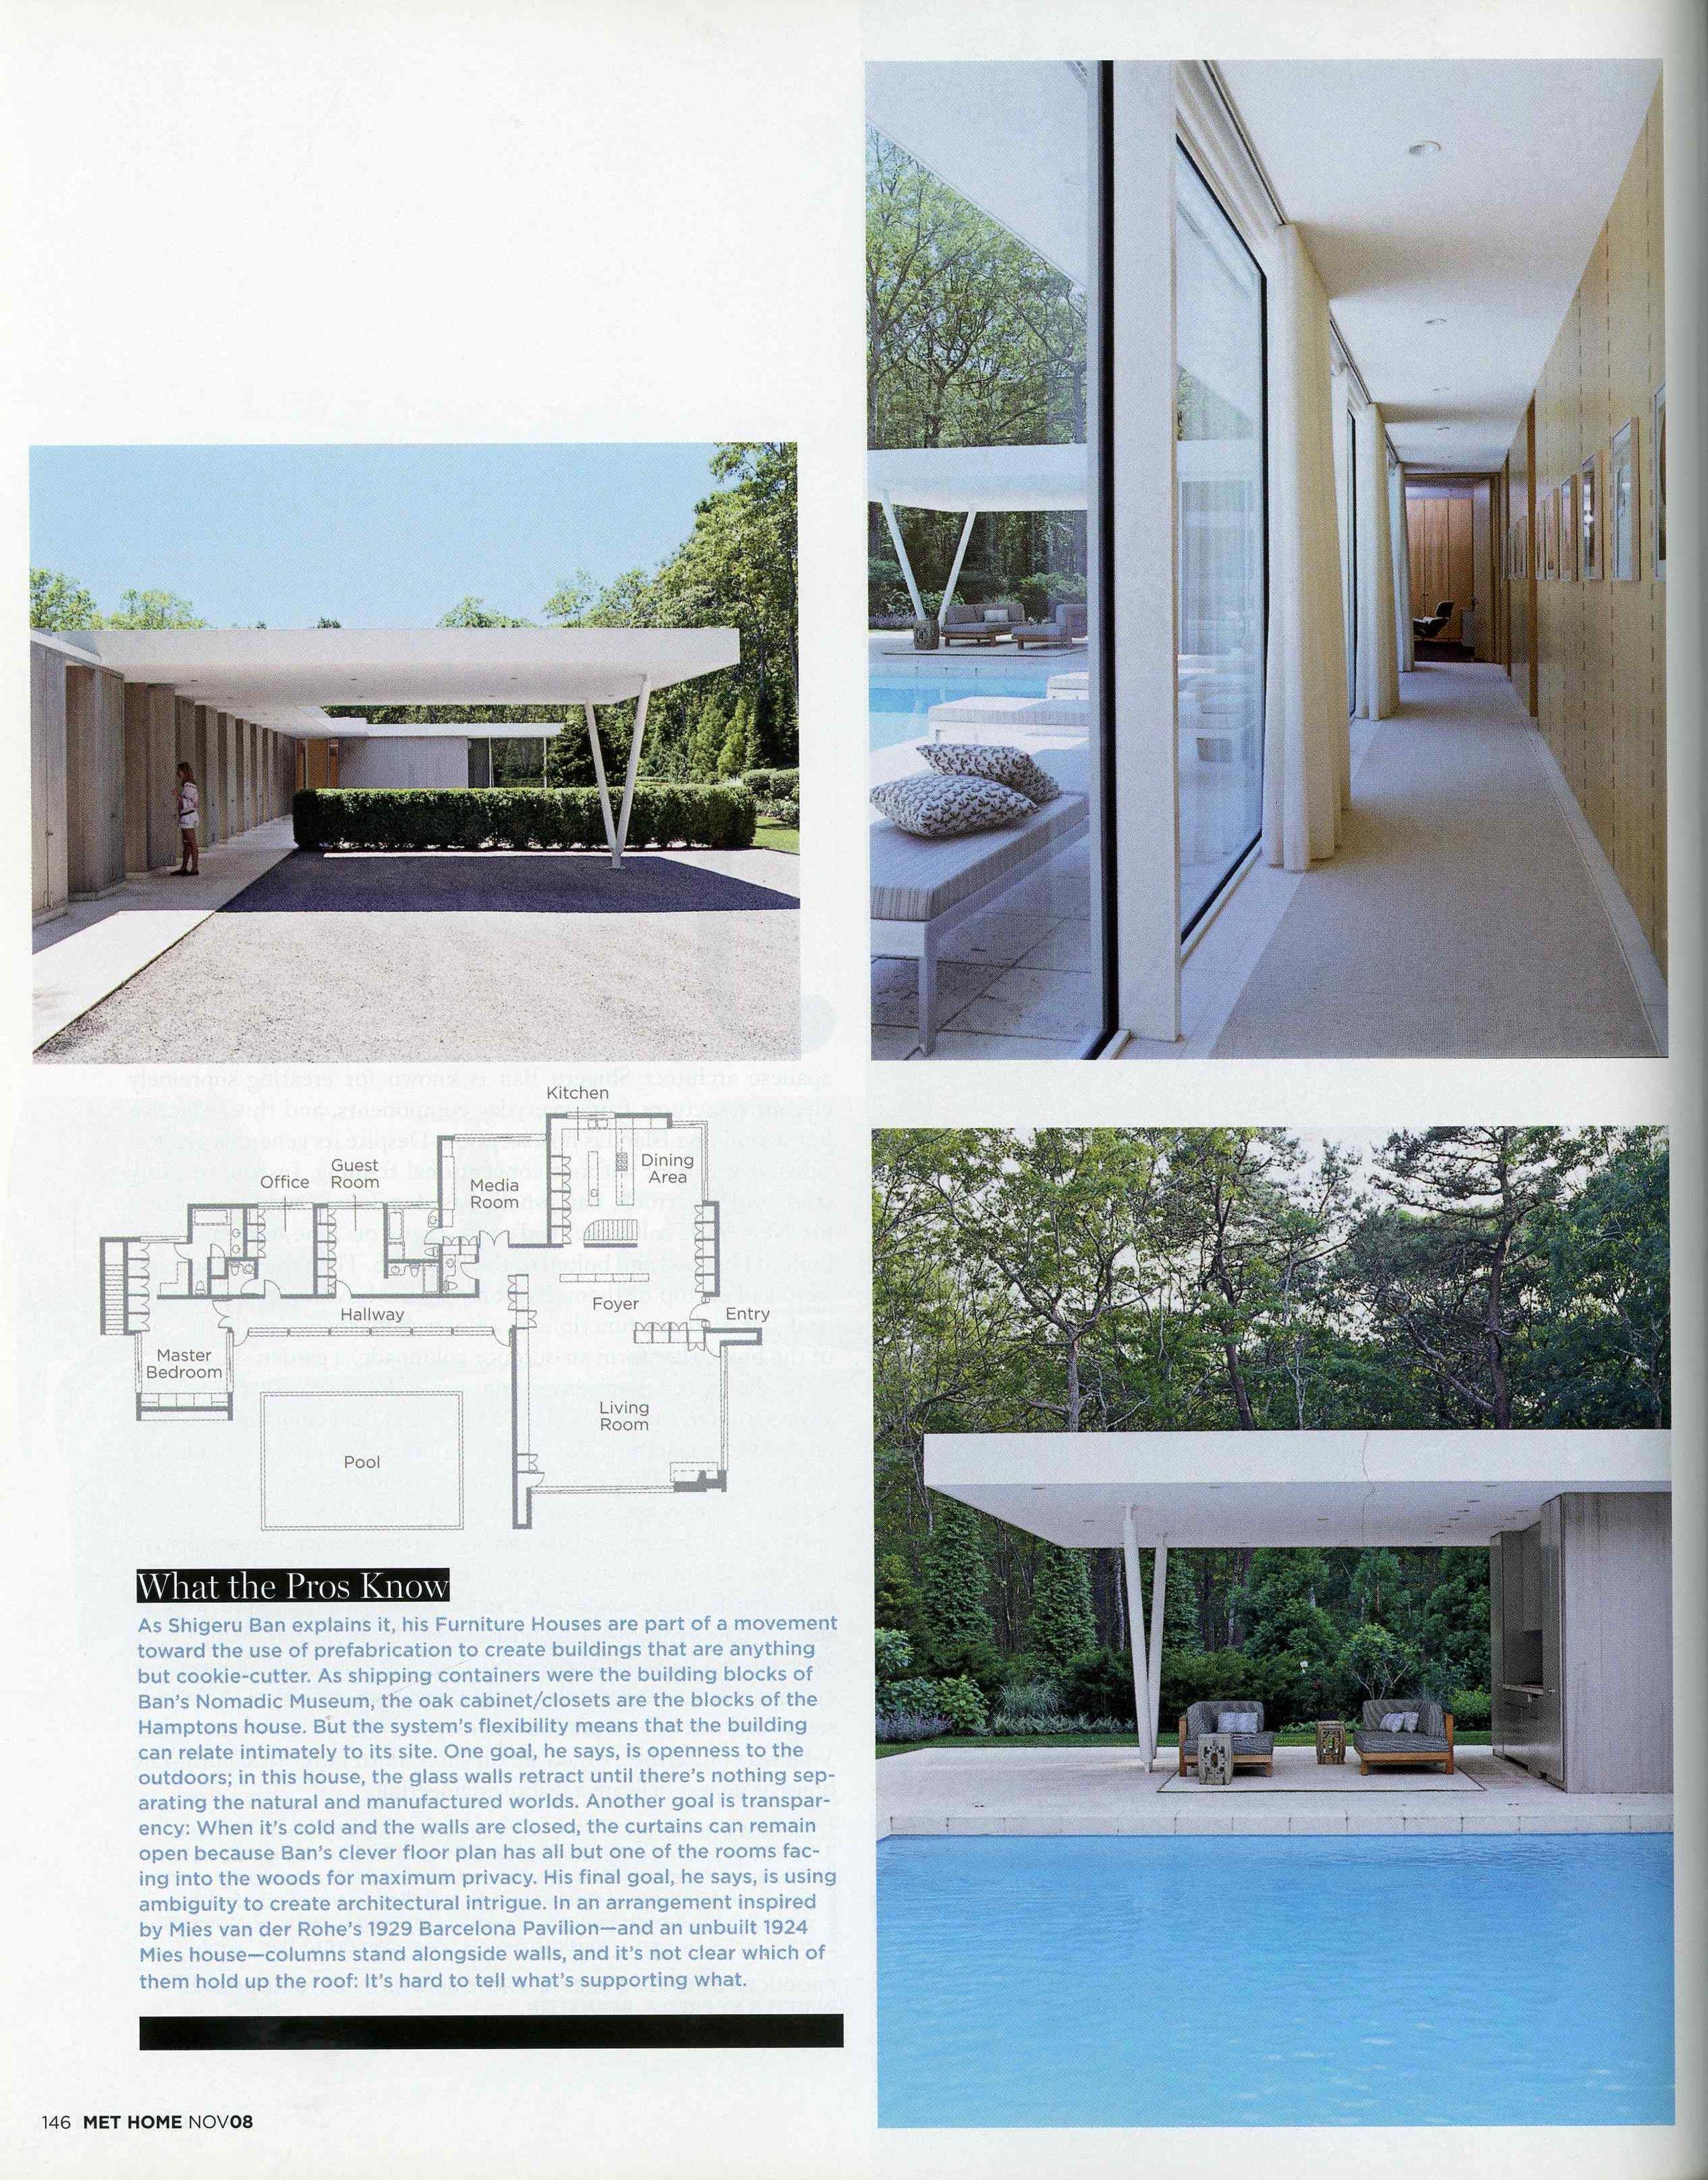 Met Home_Nov 08_Hamptons House_Full Article_Page_06.jpg